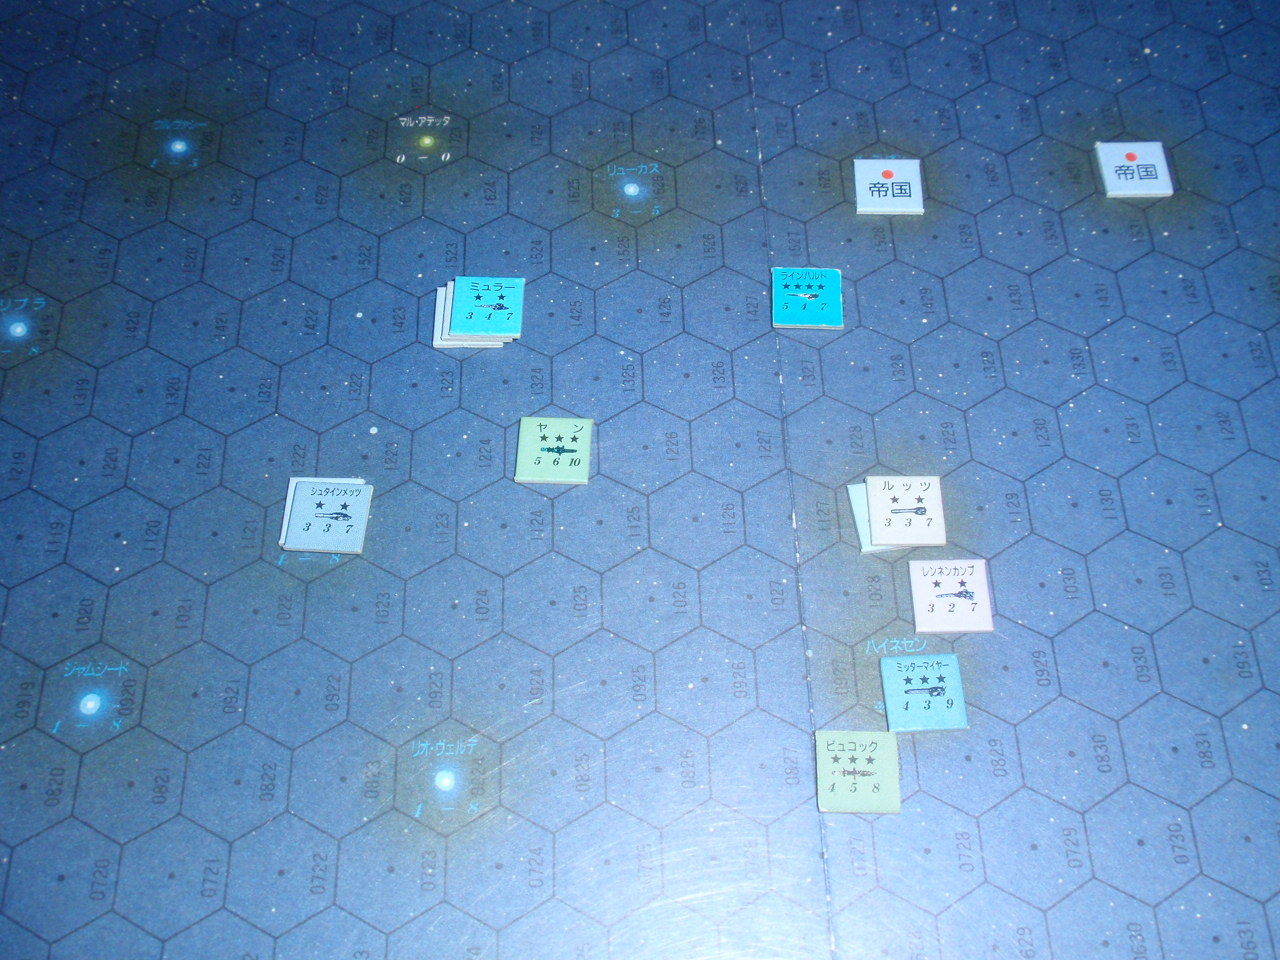 ツクダ「ラグナロック作戦」対戦記録⑦_b0162202_20143717.jpg